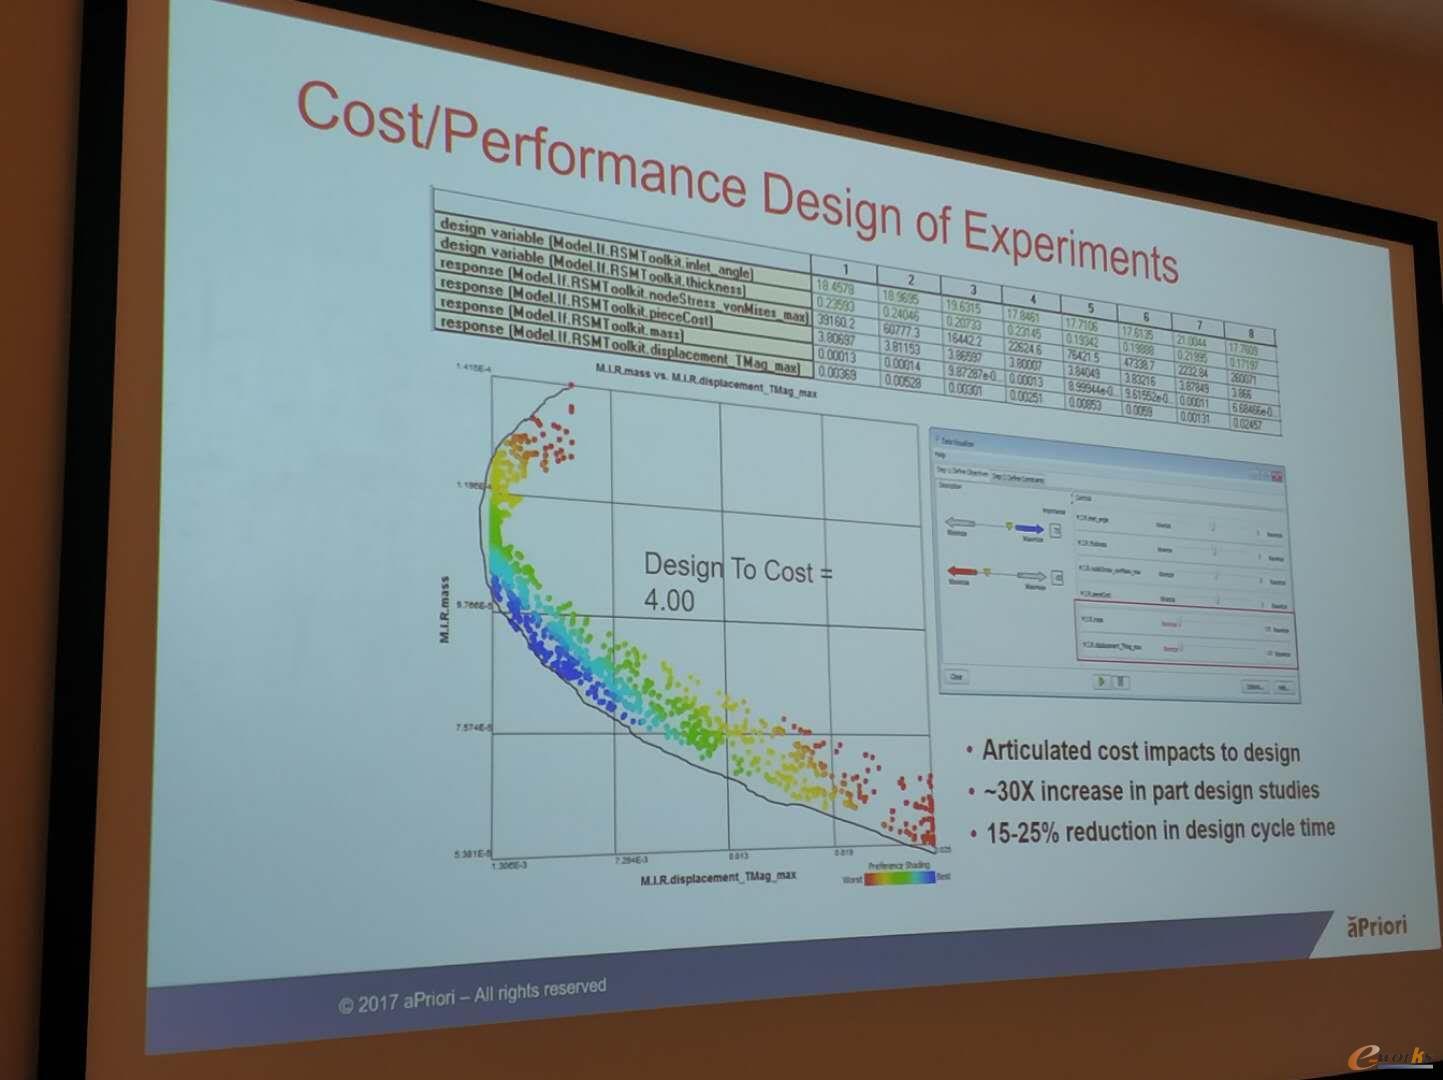 运用Apriori软件进行产品成本分析